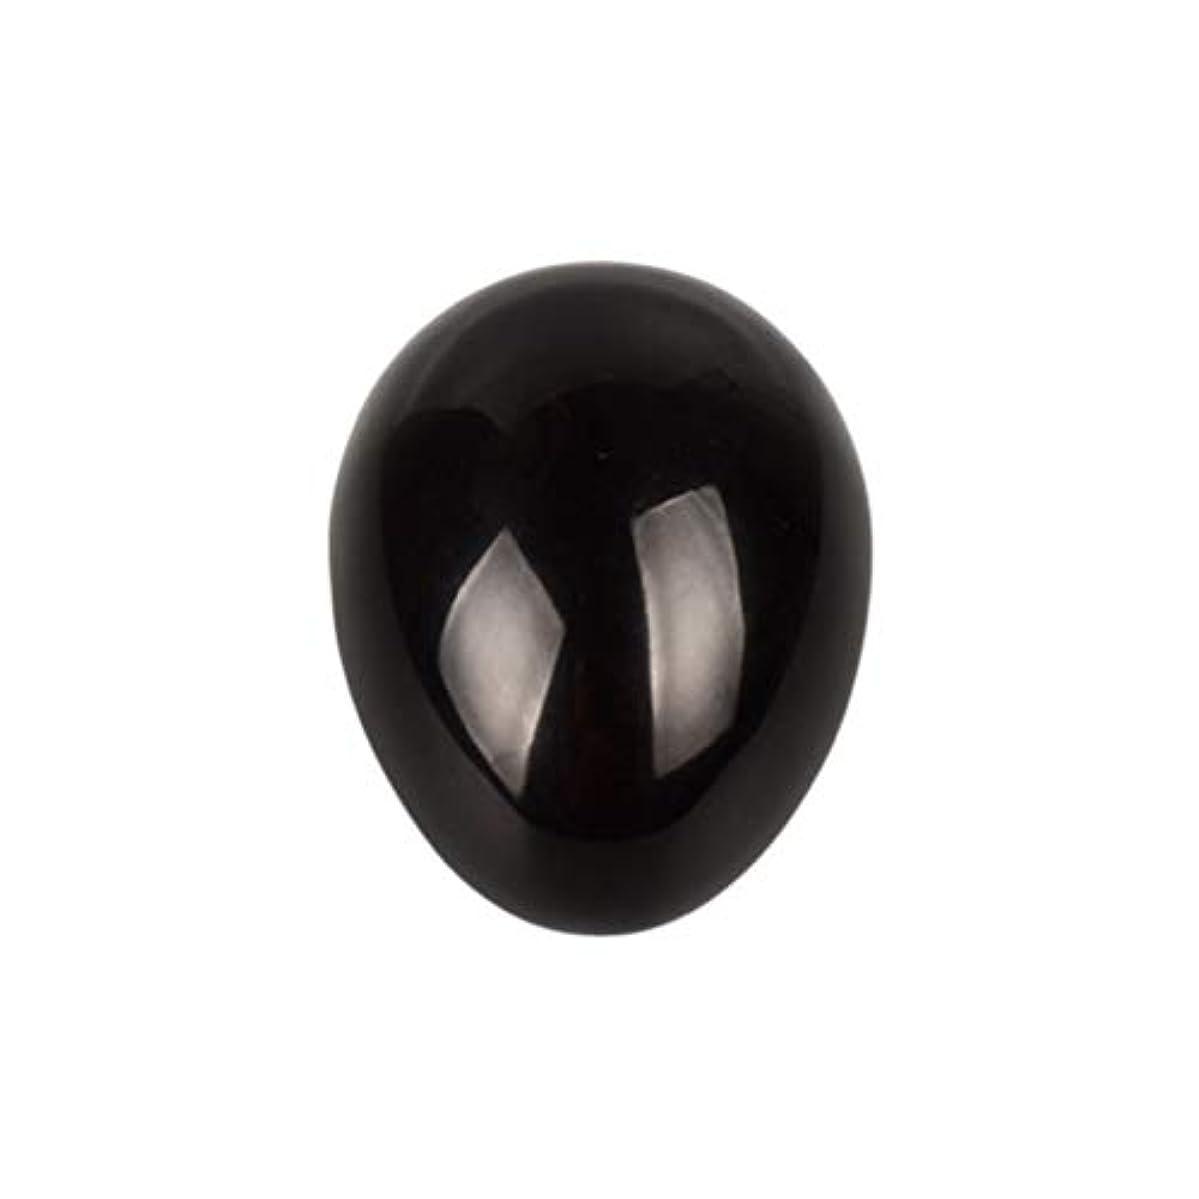 急性見かけ上手数料Healifty 癒しの瞑想のための黒い黒曜石の宝石の卵球チャクラのバランスと家の装飾45 * 30 * 30ミリメートル